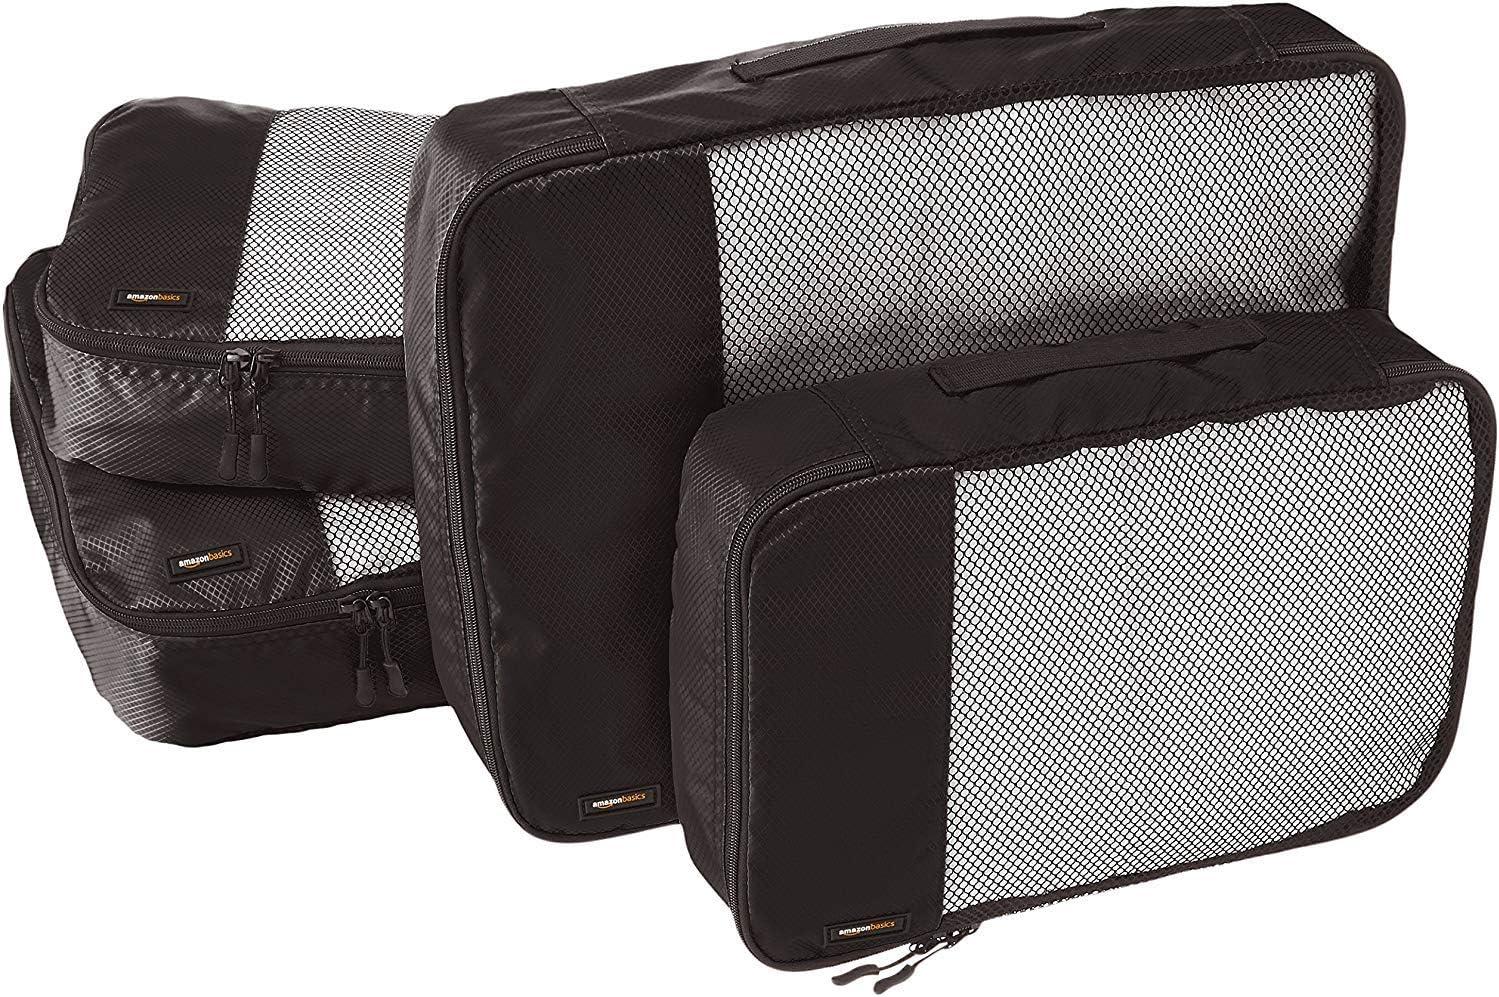 AmazonBasics - Bolsas de equipaje (2 medianas, 2 grandes; 4 unidades), Negro